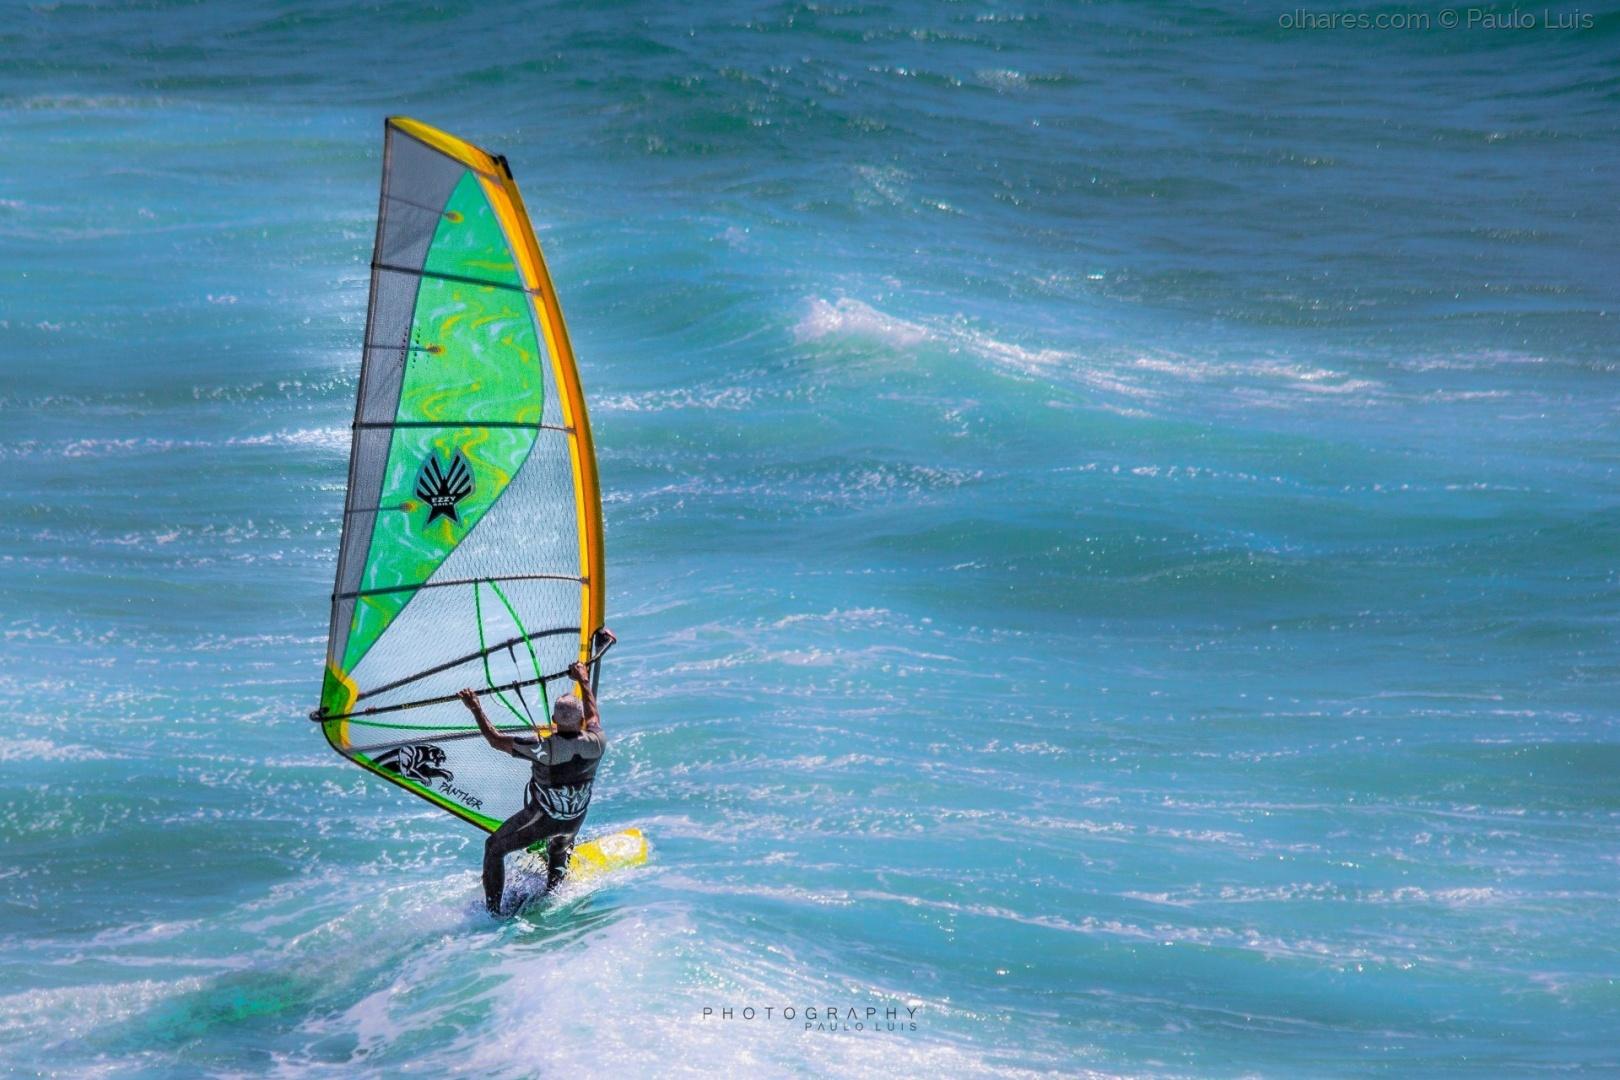 Desporto e Ação/Wherever the wind takes me